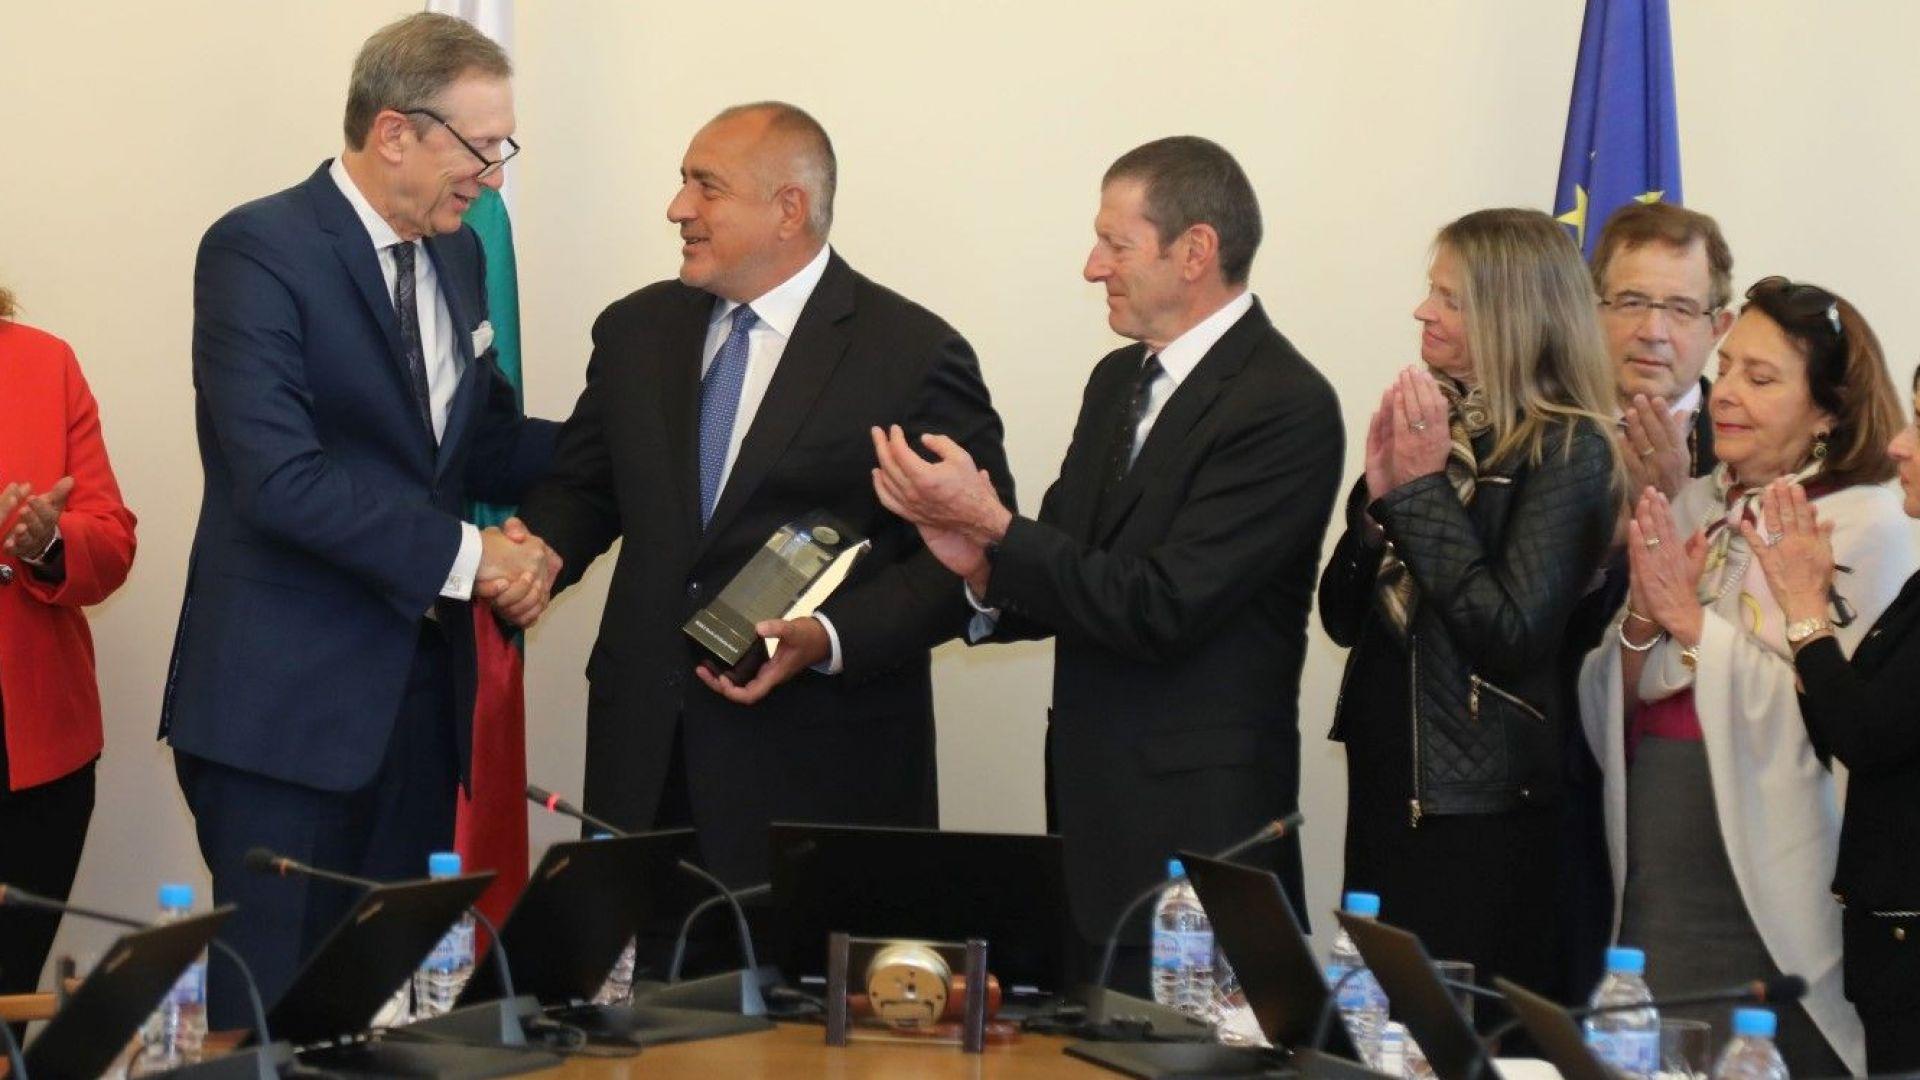 """Борисов стана първият чуждестранен лидер с """"Факла на свободата"""" (снимки)"""